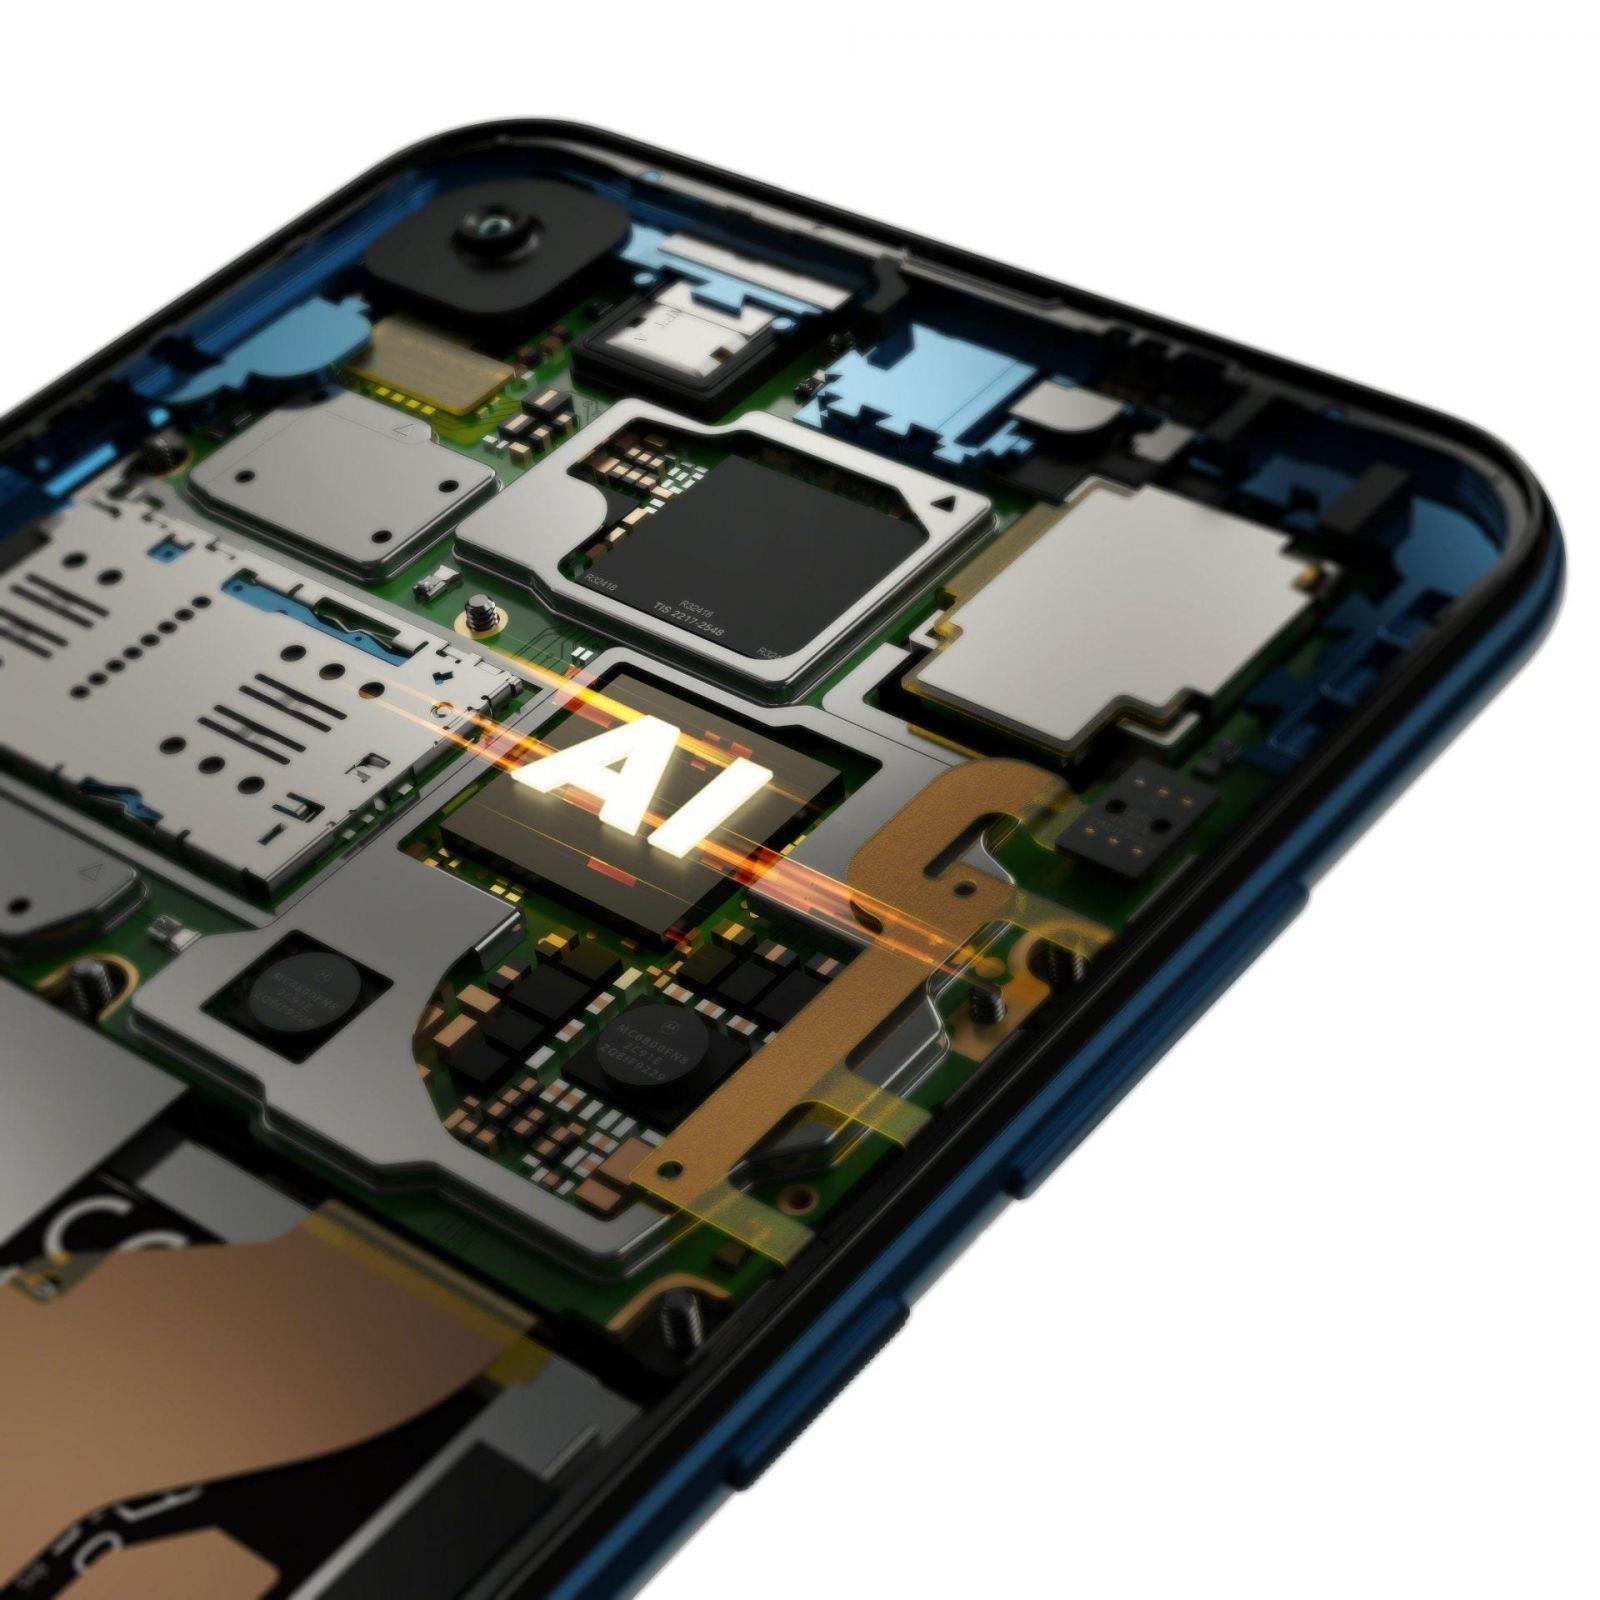 Motorola представила новый смартфон Motorola One Vision (motorola one vision row sapphire gradient processor)